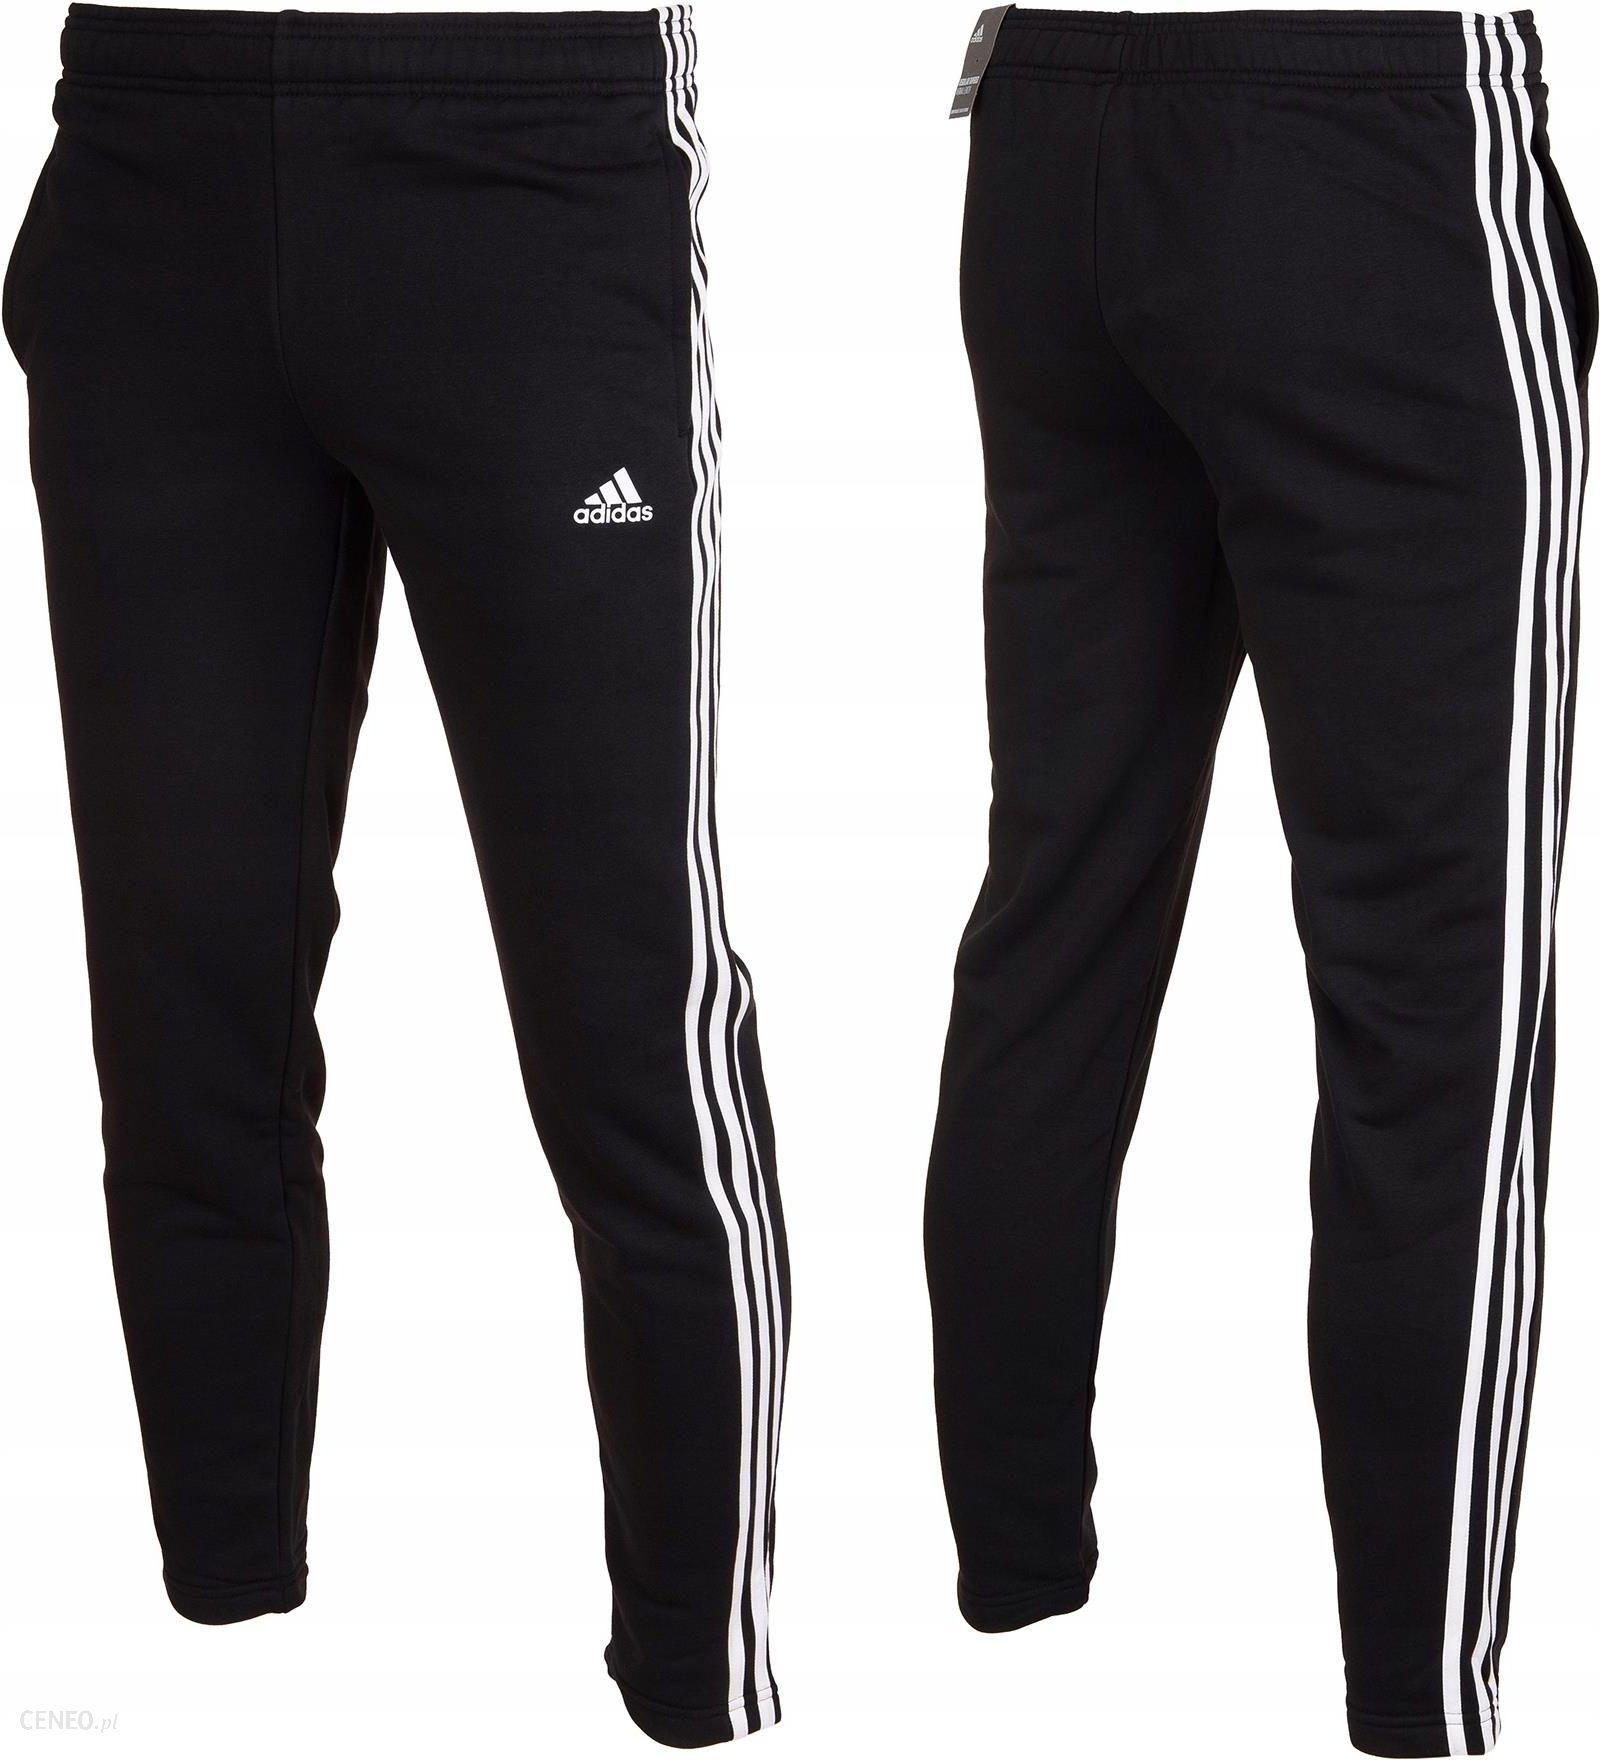 Adidas Spodnie Dresowe Meskie Essential BK7446 r M Ceny i opinie Ceneo.pl